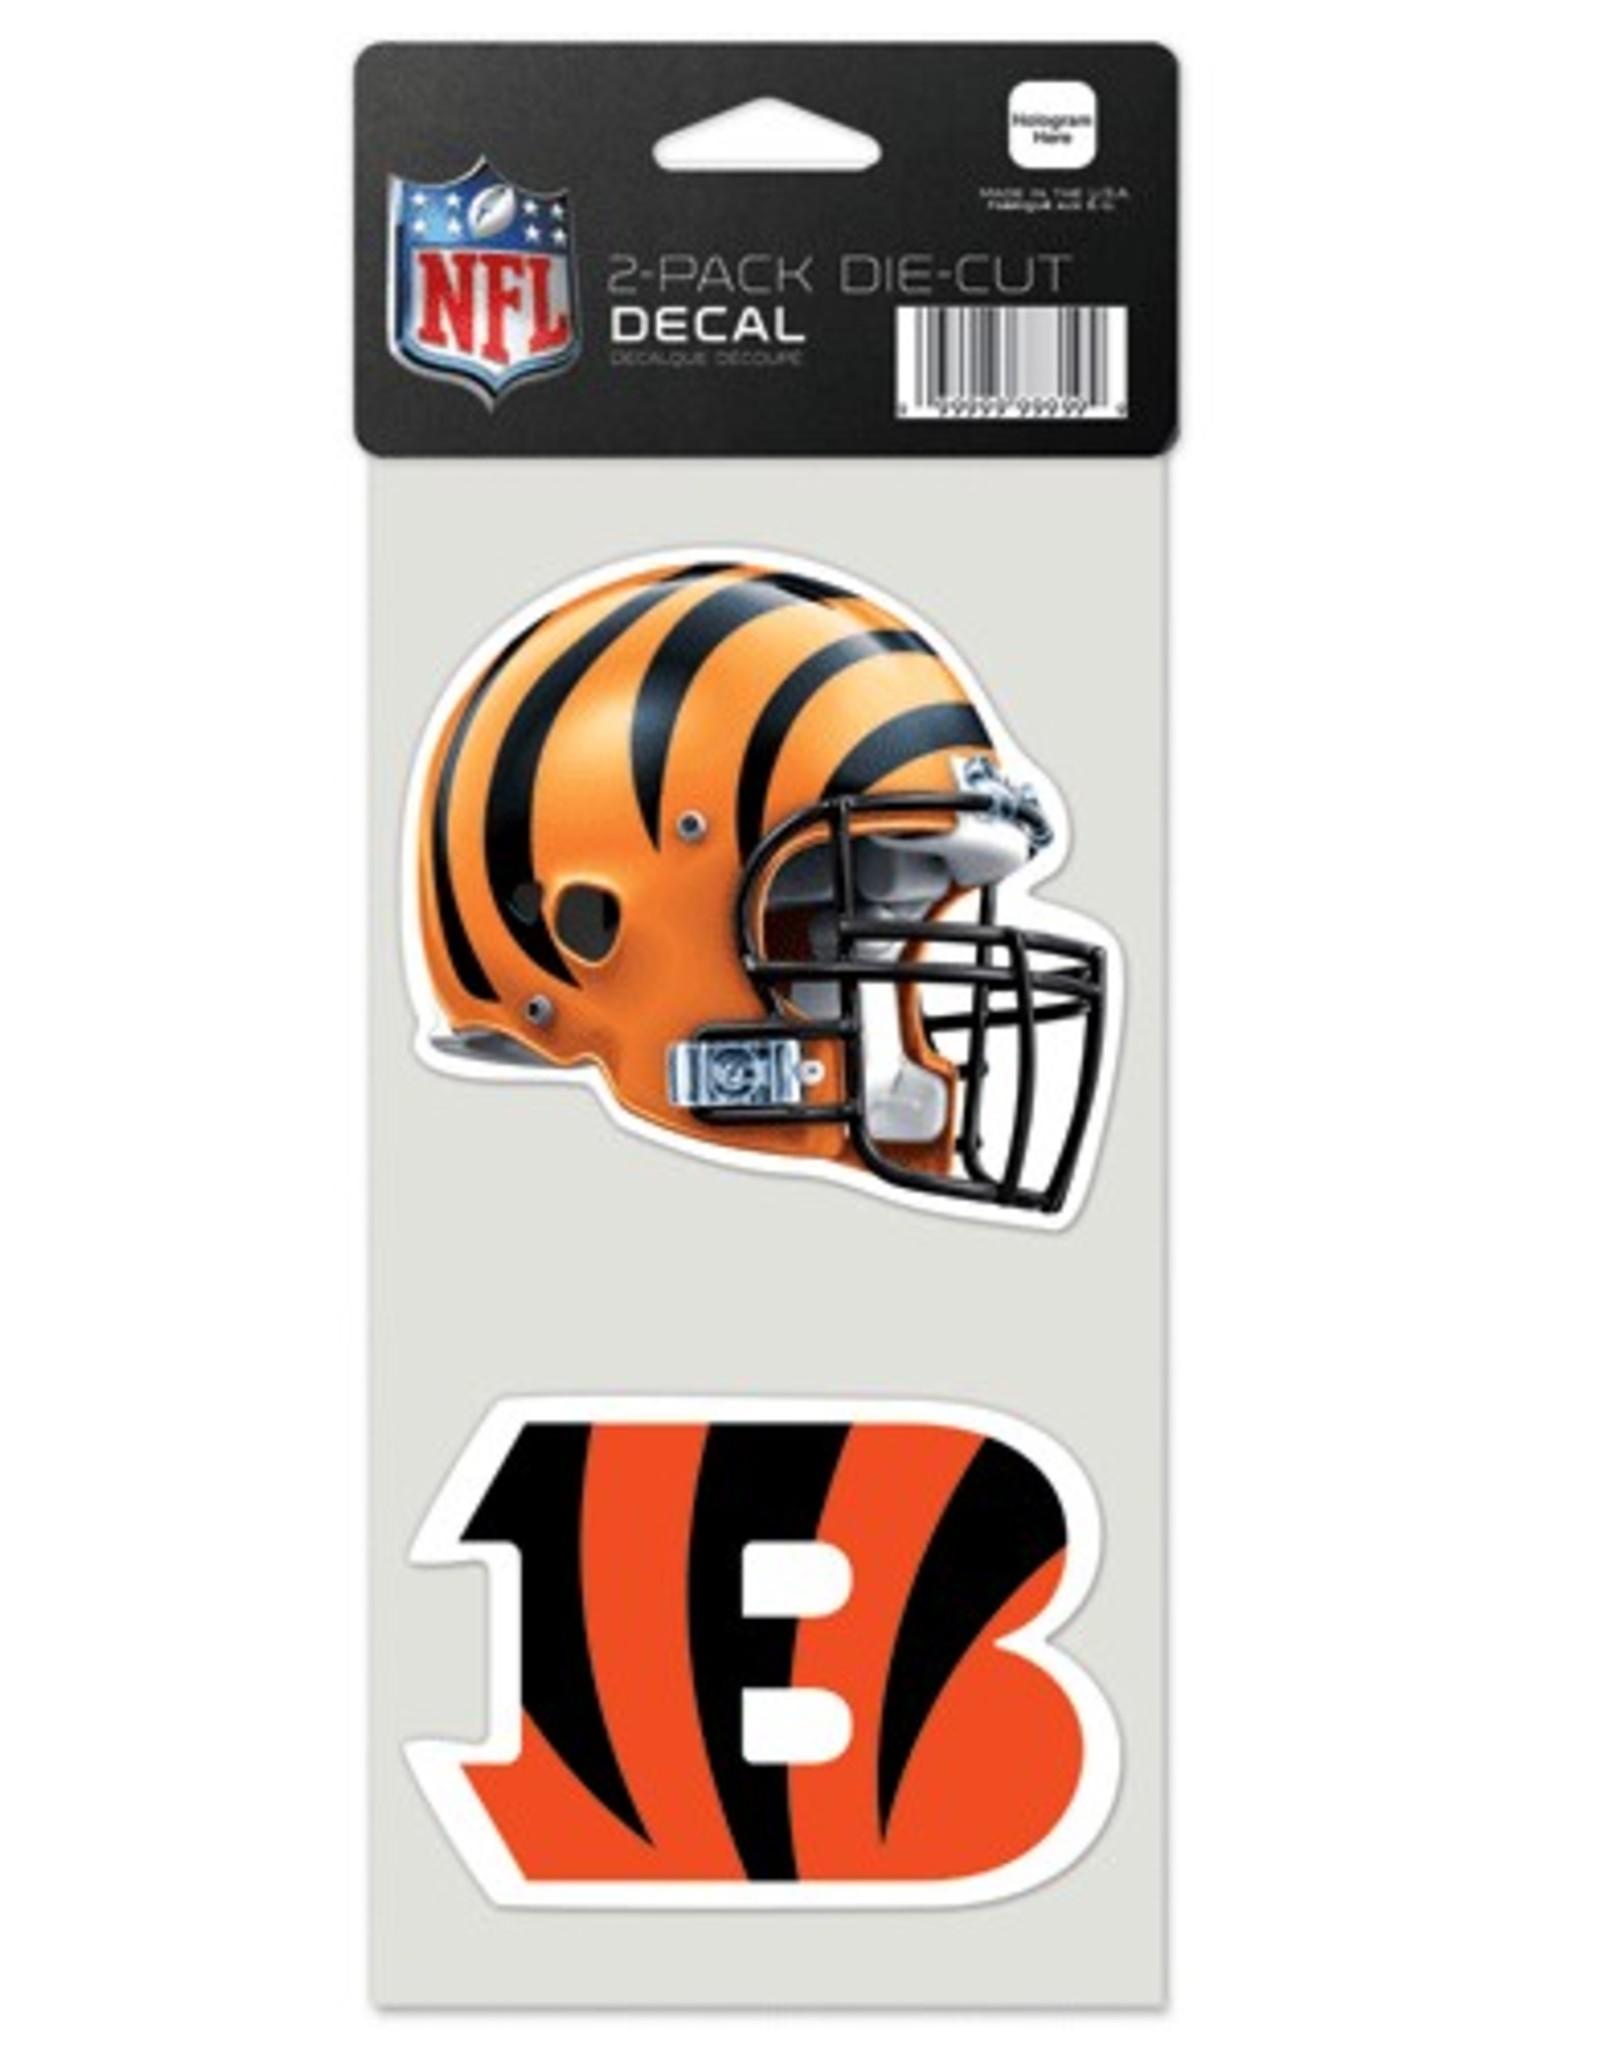 Cincinnati Bengals Set of Two 4x4 Perfect Cut Decals